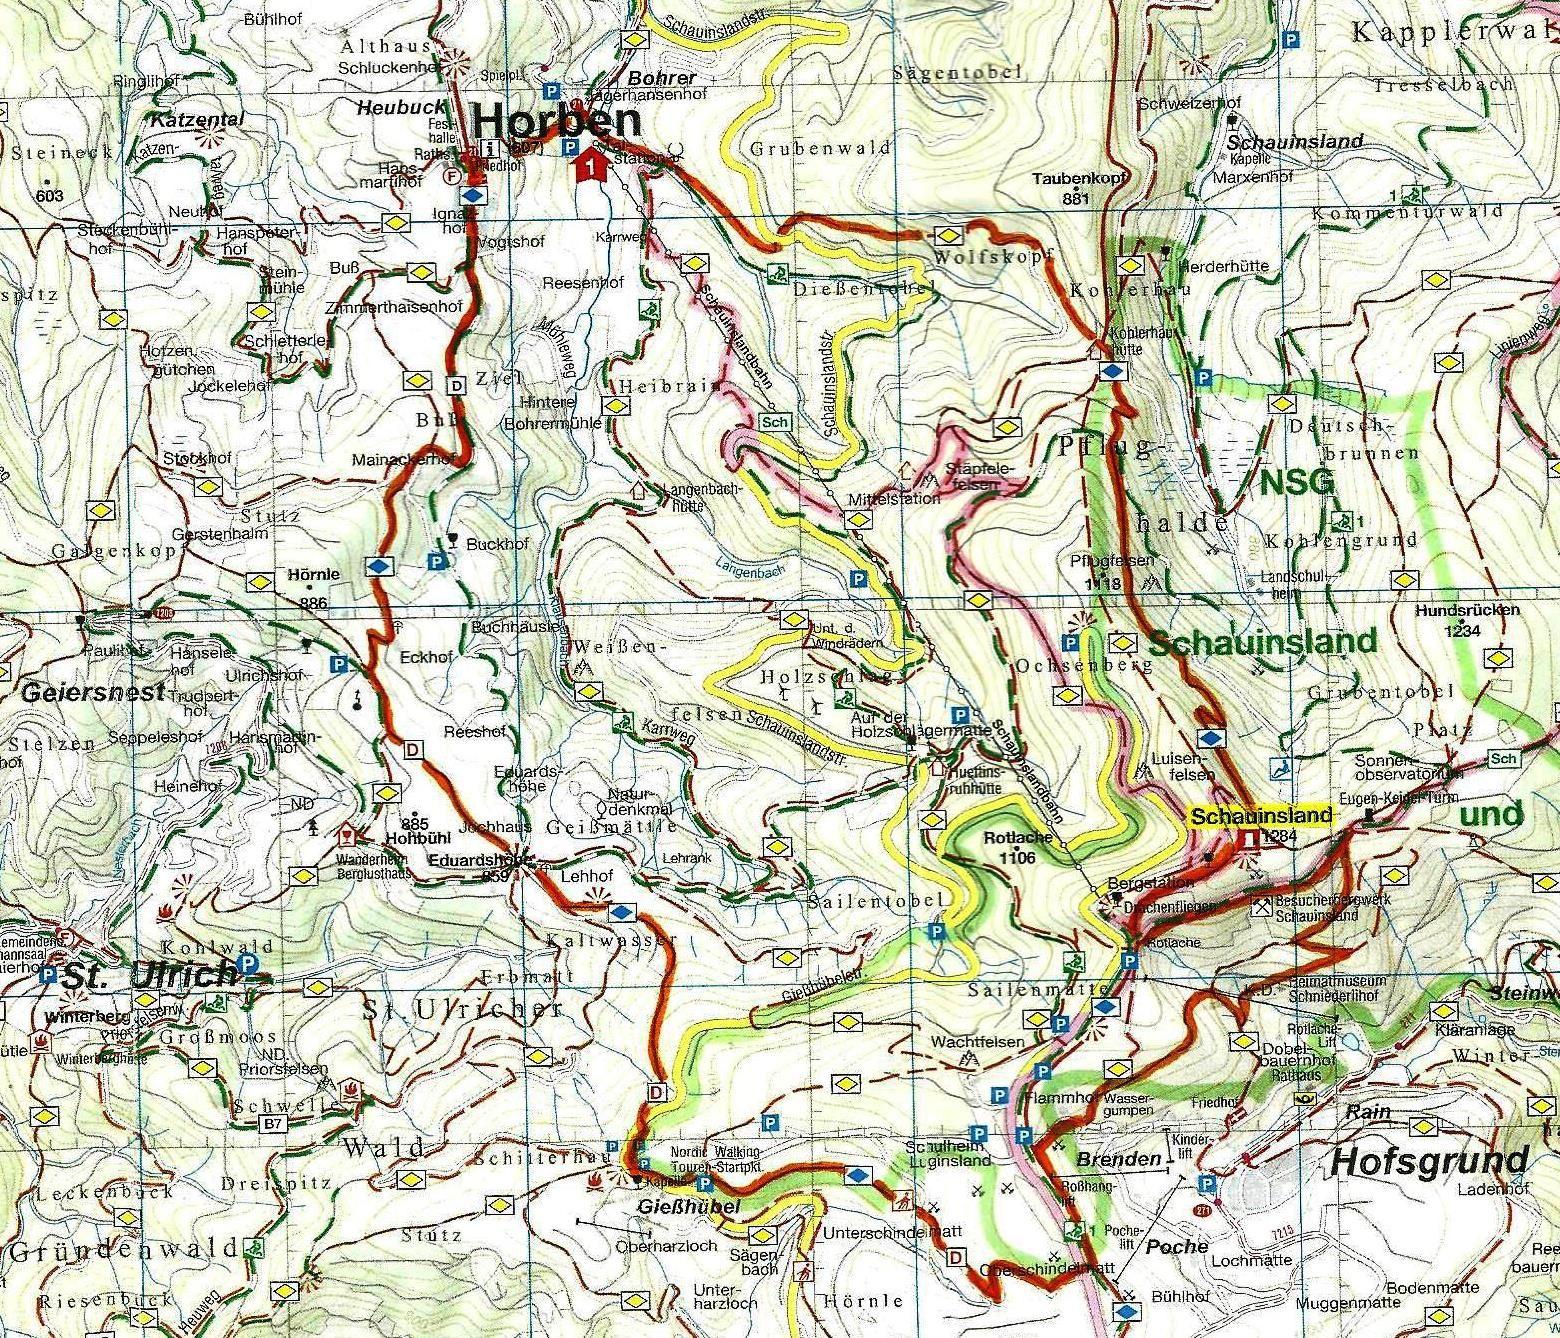 Mercredi 7 juin - Randonnée vers le Schauinsland et le Schniederlihof